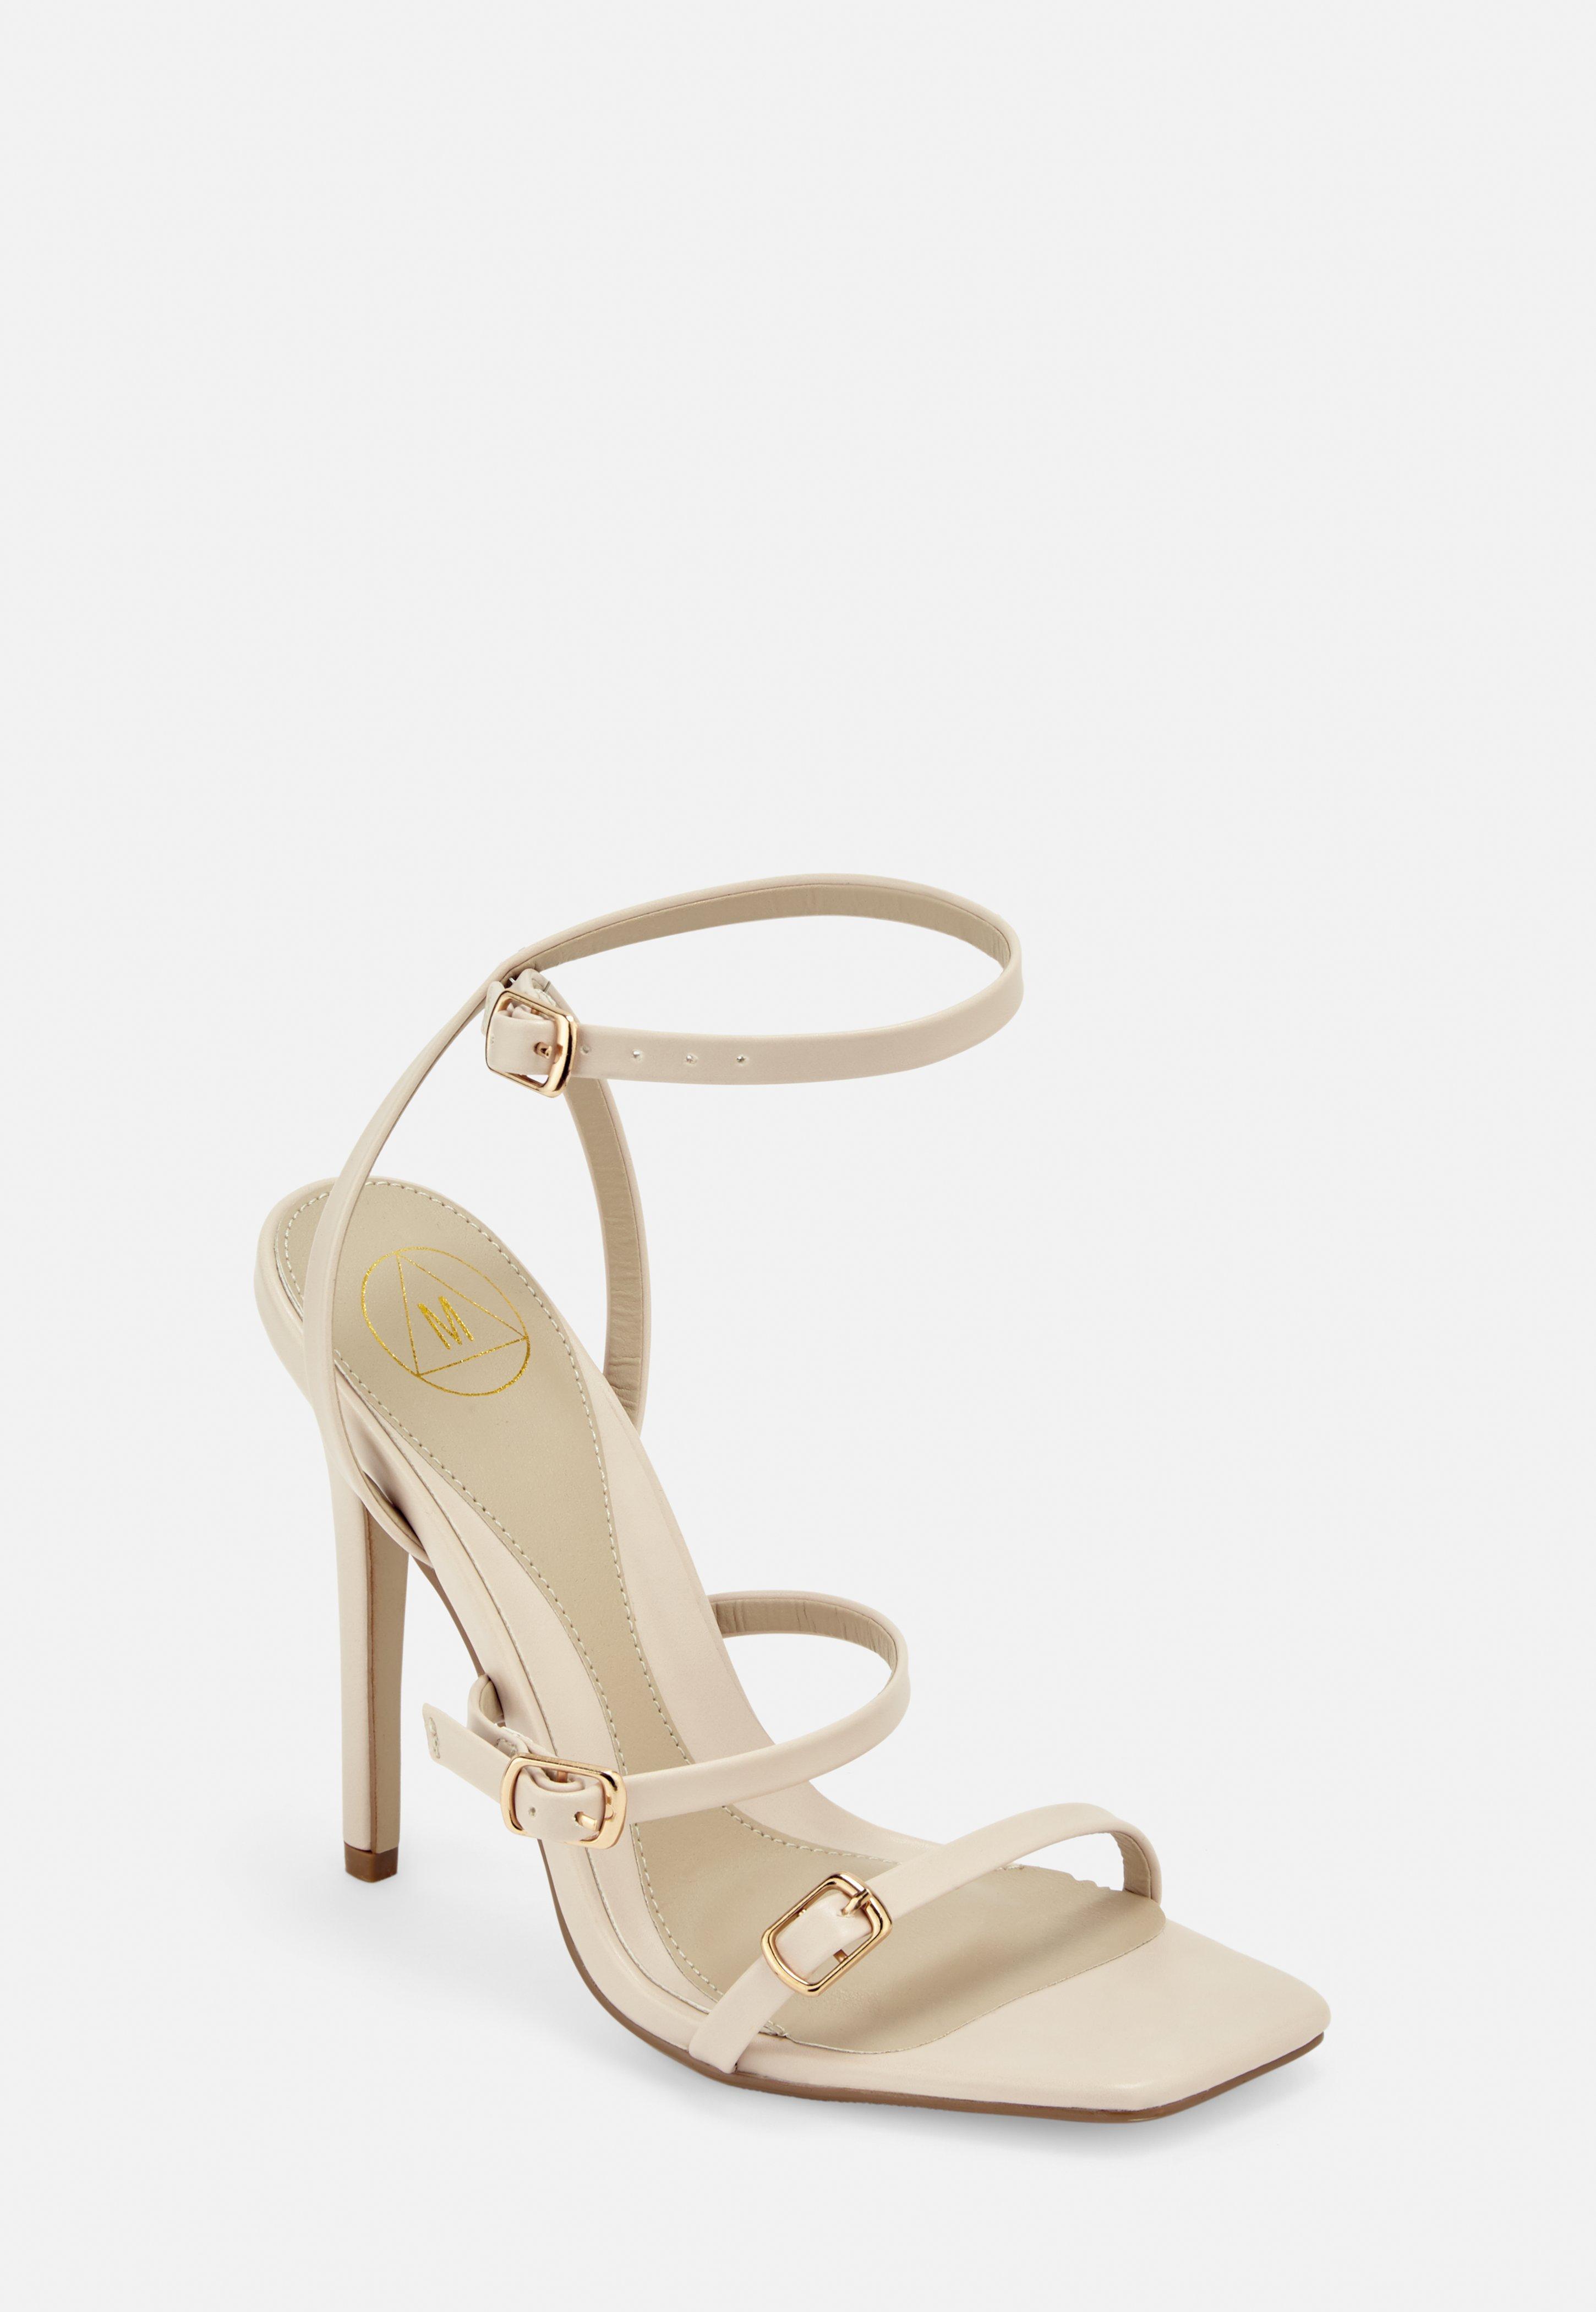 a2500a989a8 High Heels - Shop Women's Stilettos Online | Missguided